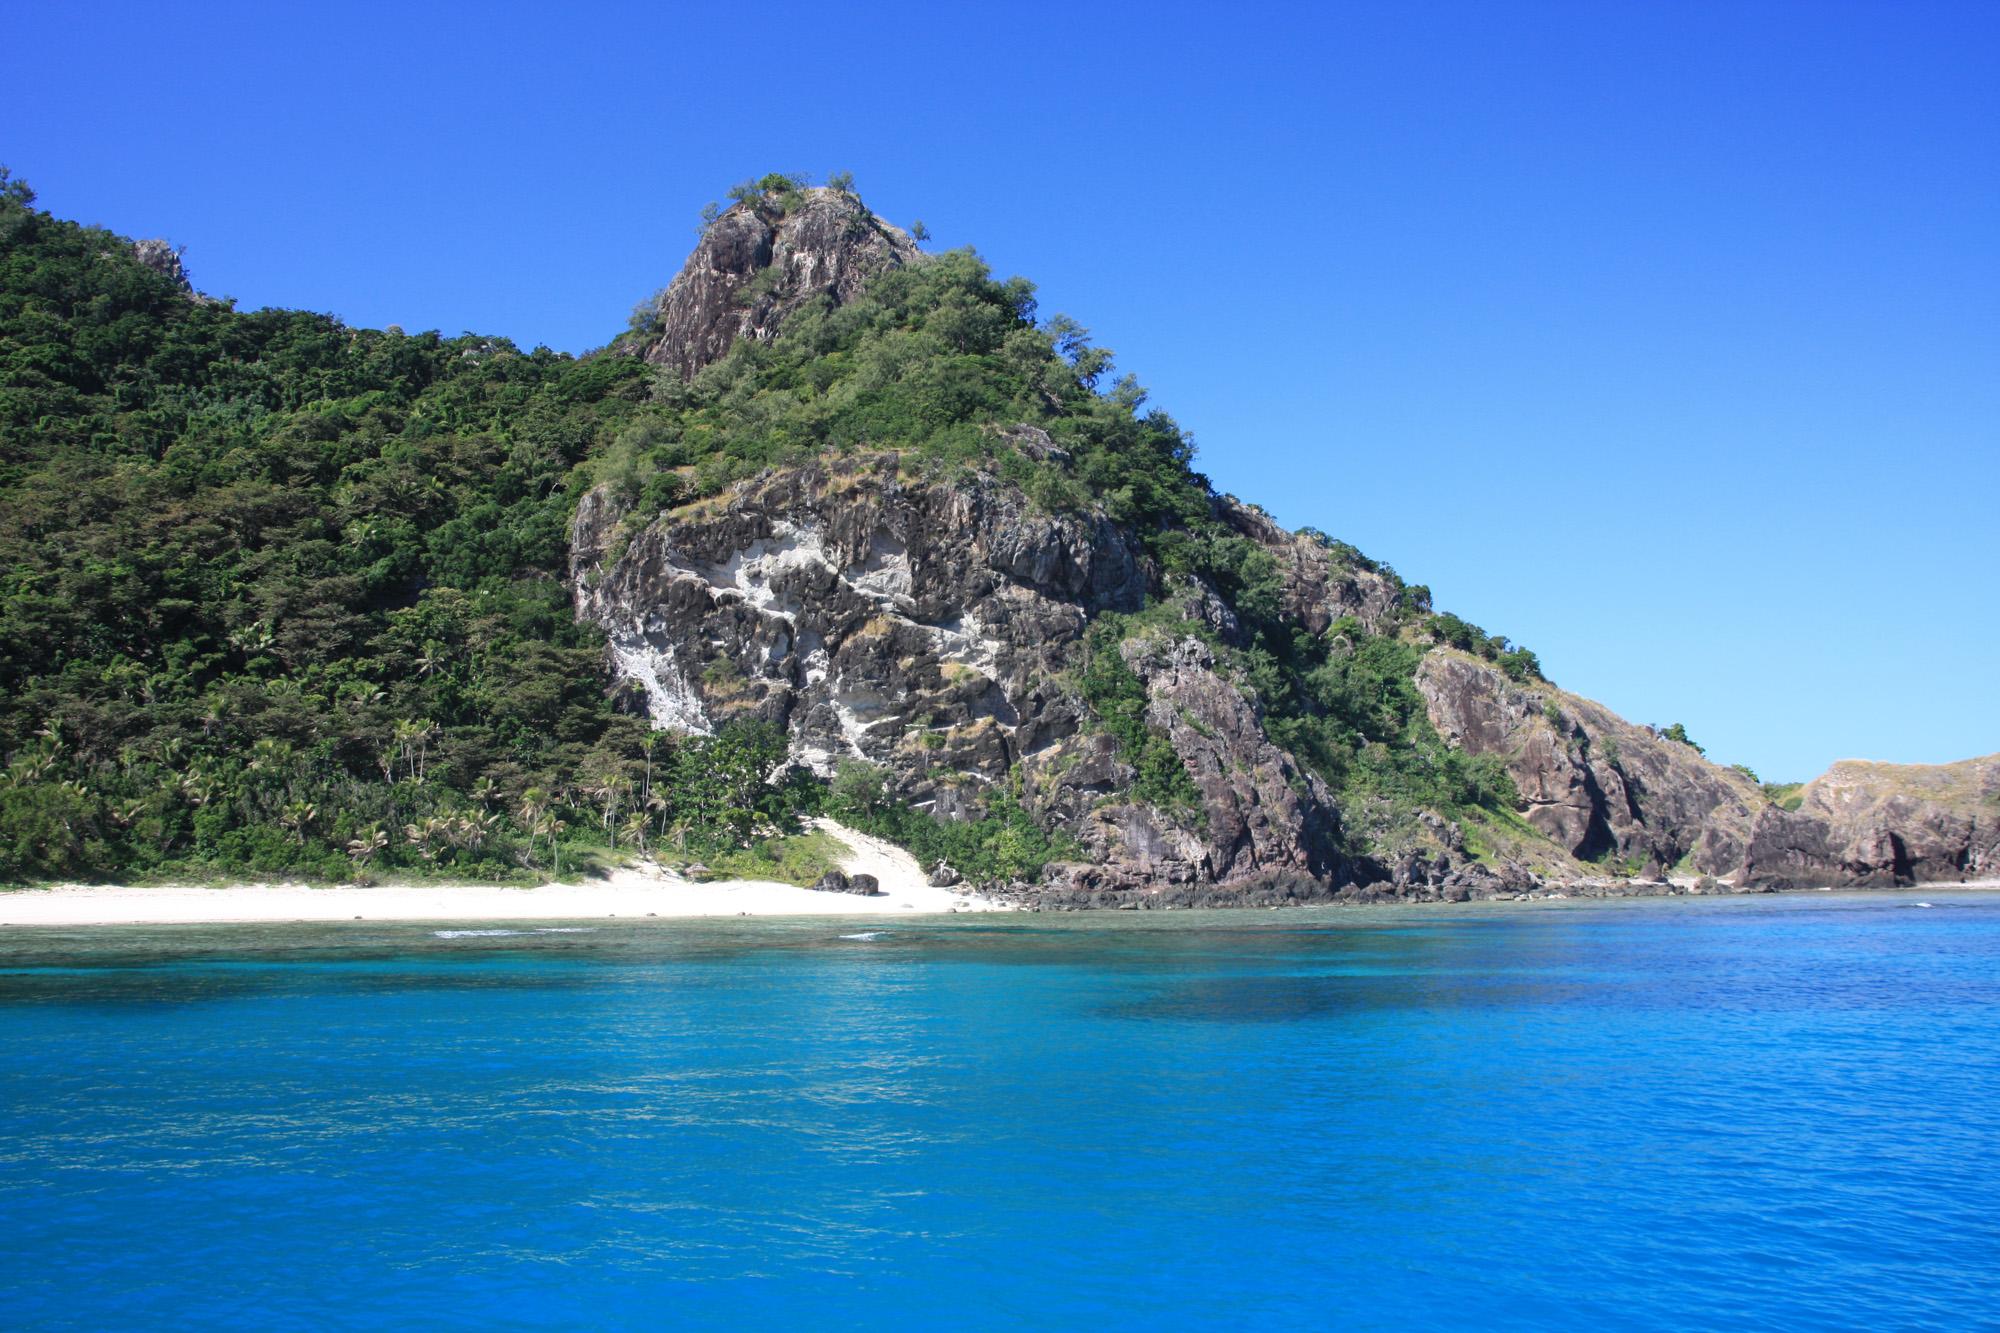 Monuriki, Fiji